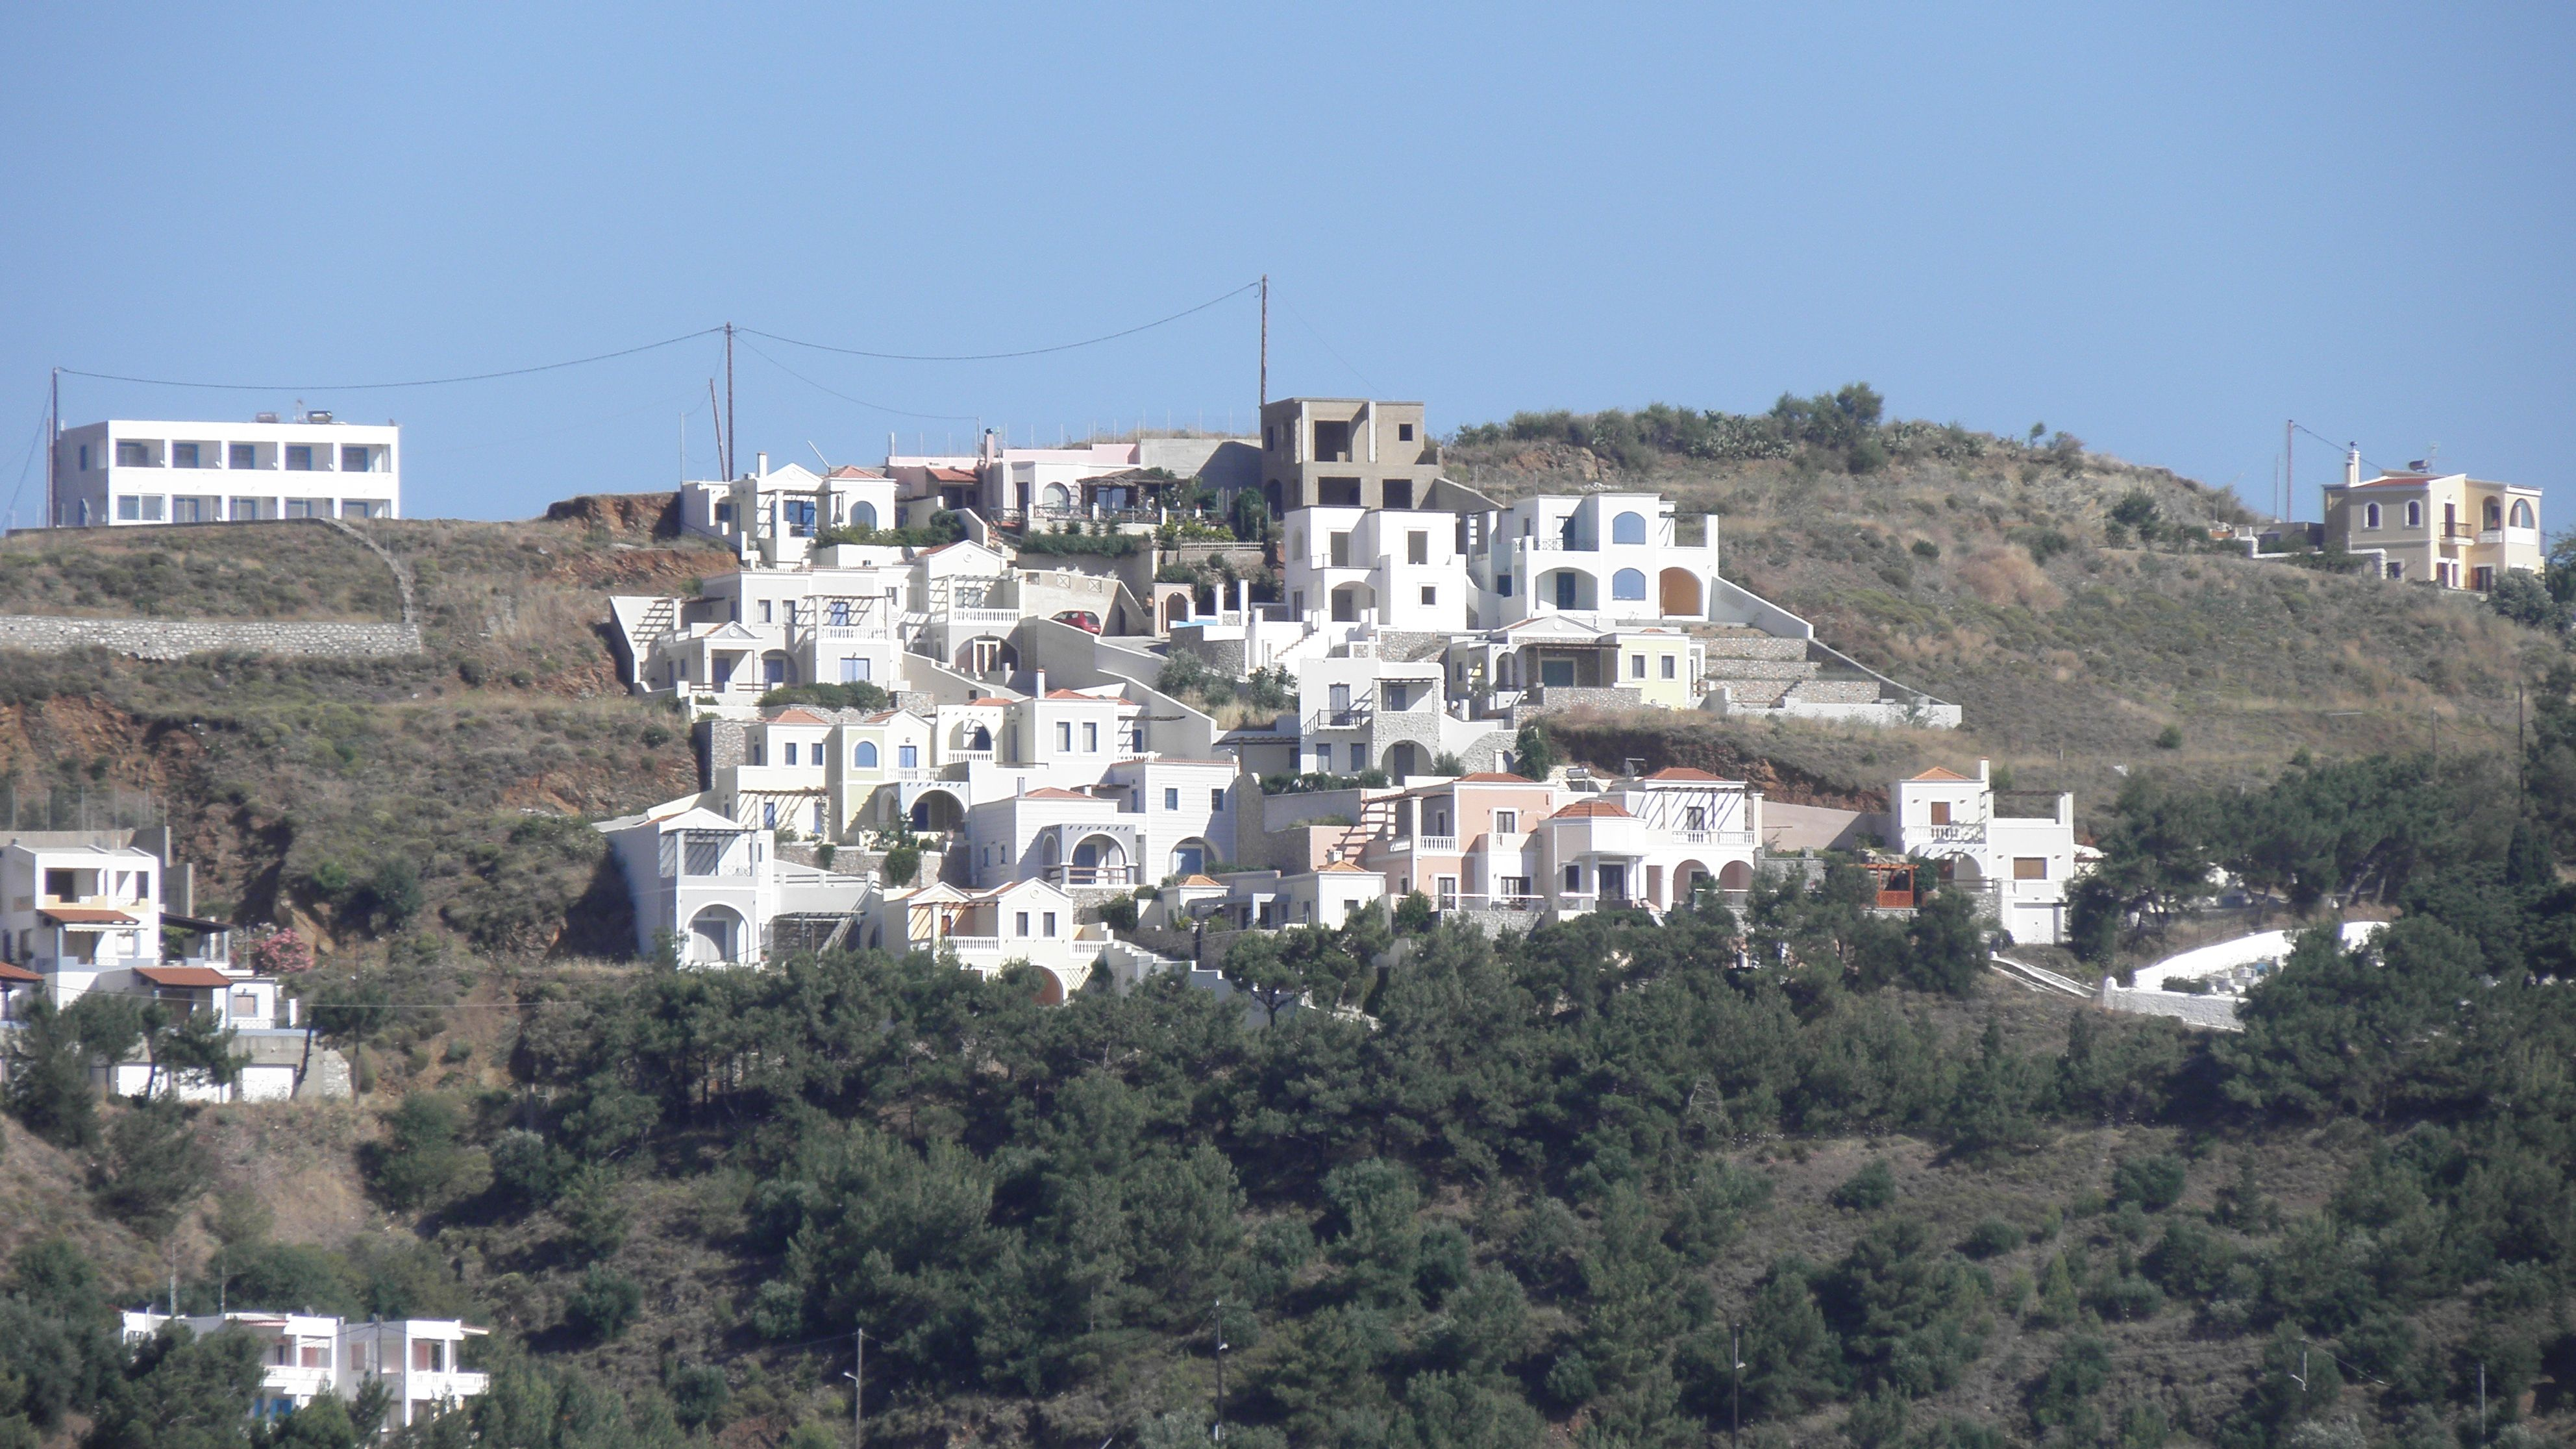 Ikke Helt Faerdig Bydel Pa Bjergside Pa Kalymnos